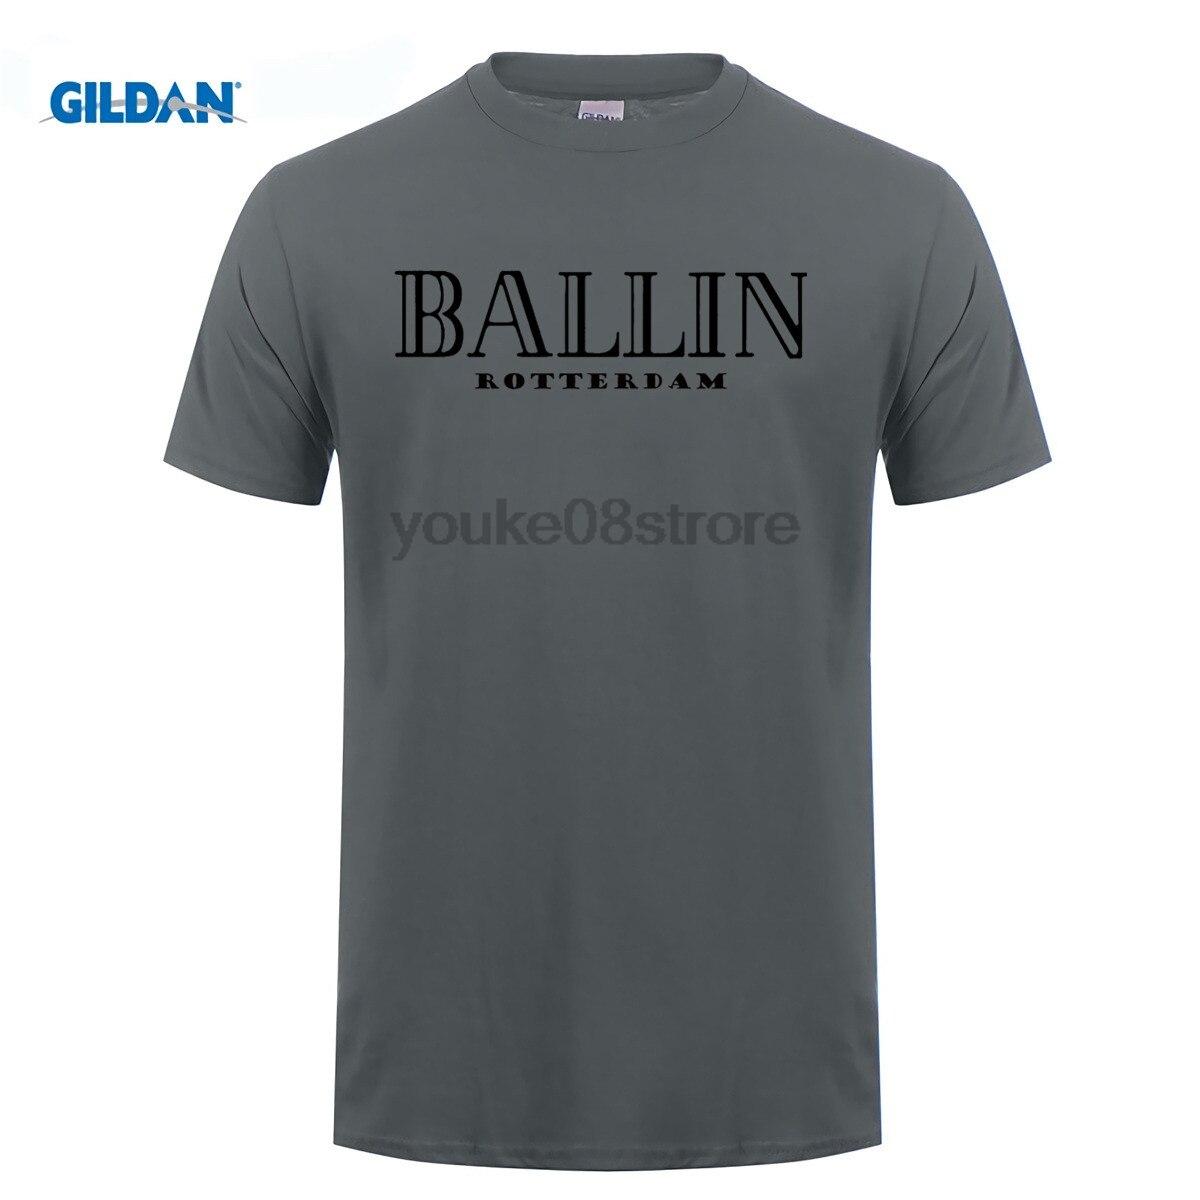 t shirt printen rotterdam